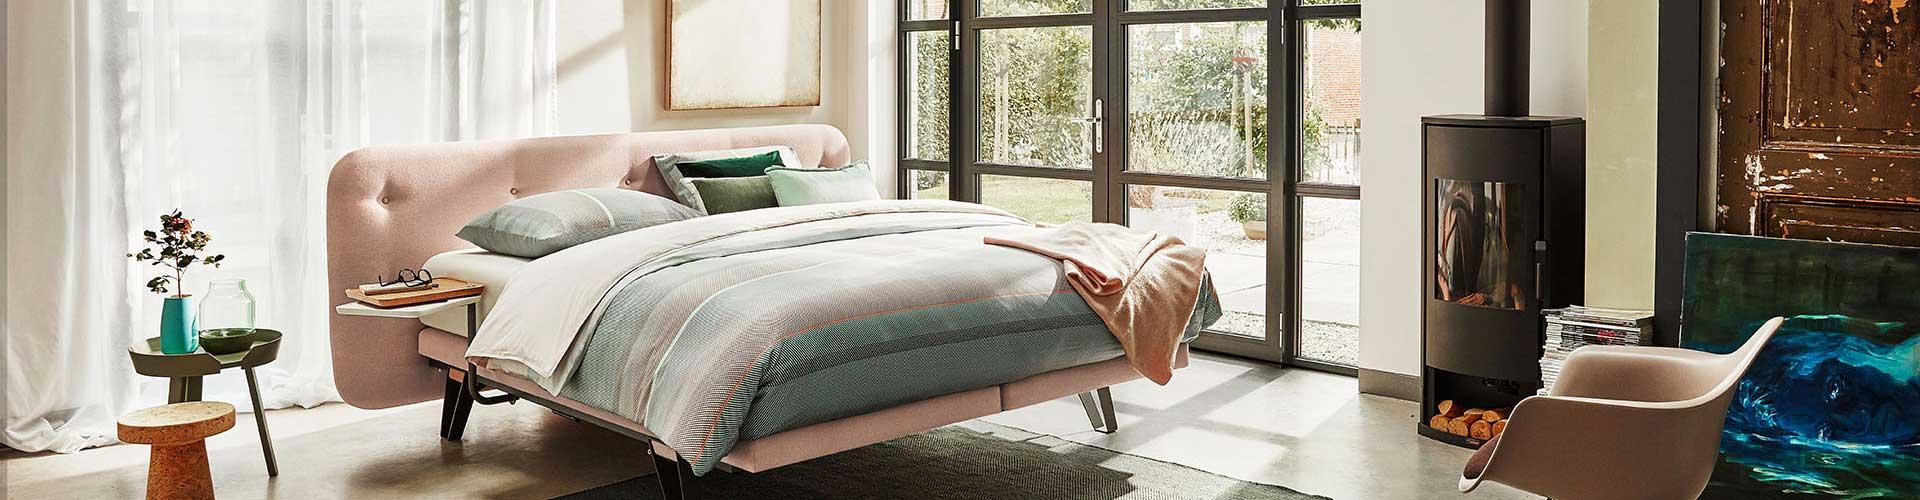 bekijk onze collectie accessoires voor uw slaapkamer m line